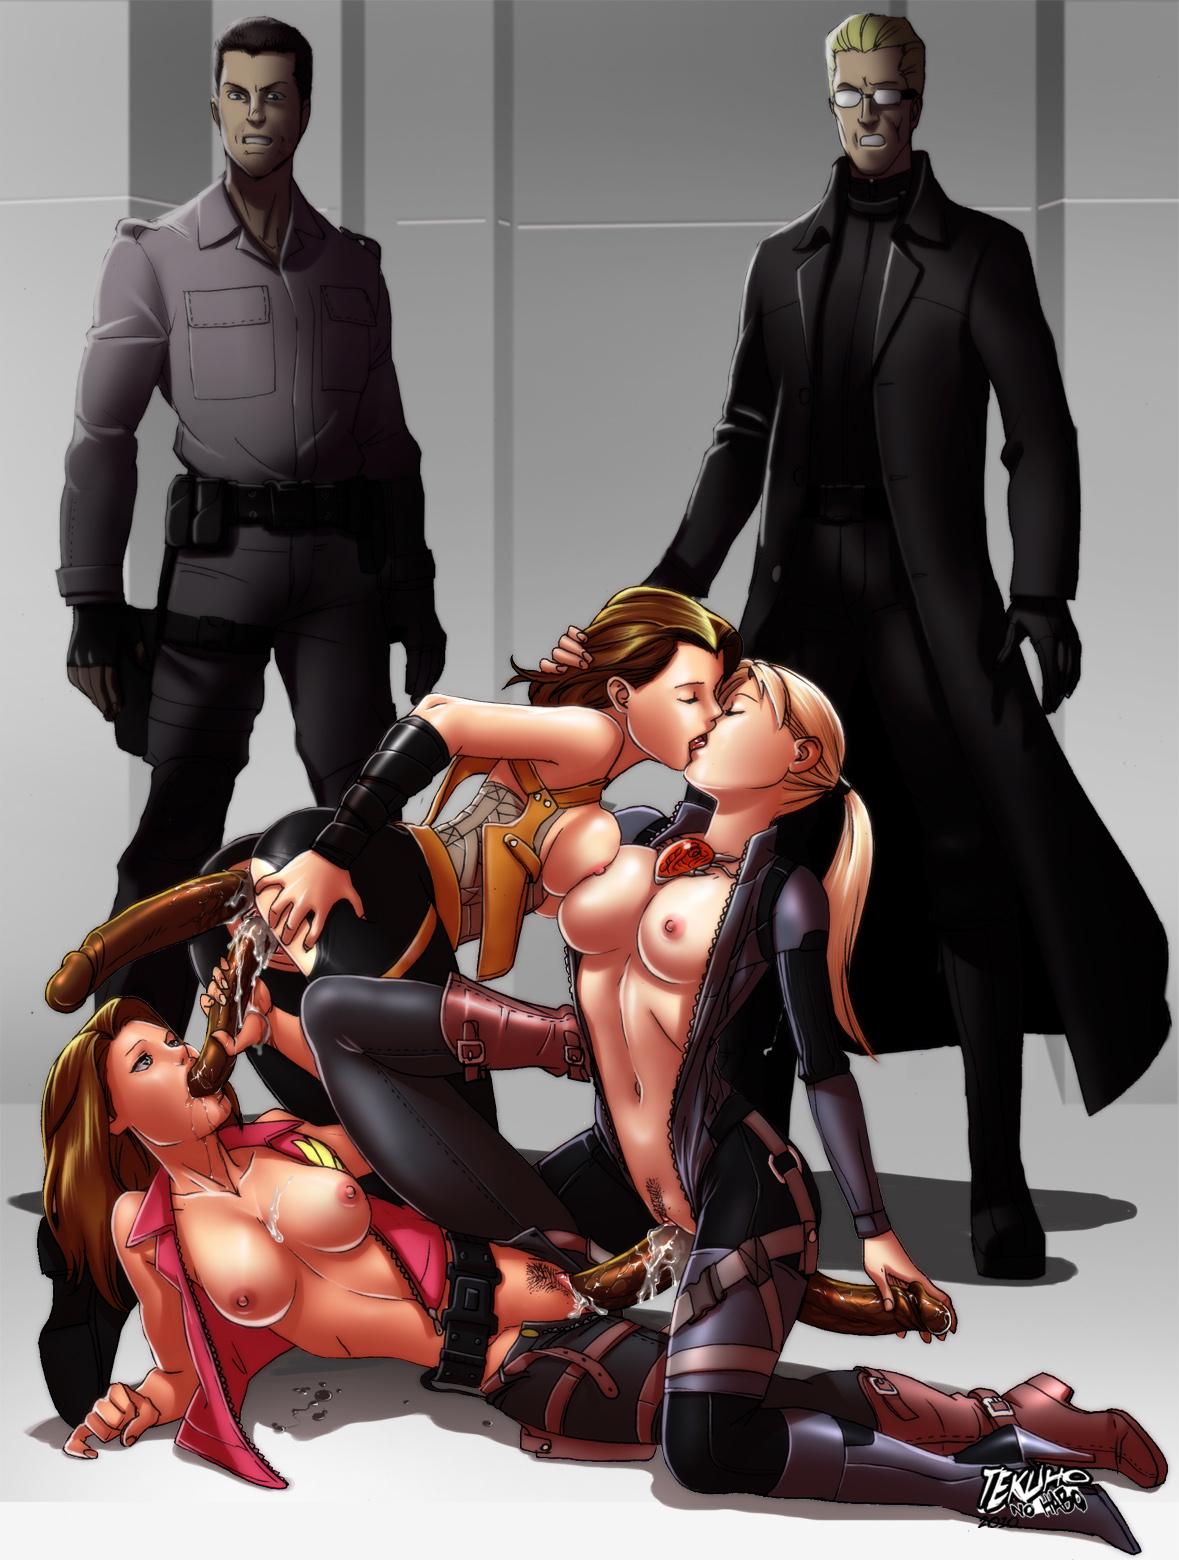 Alice Resident Evil Porn